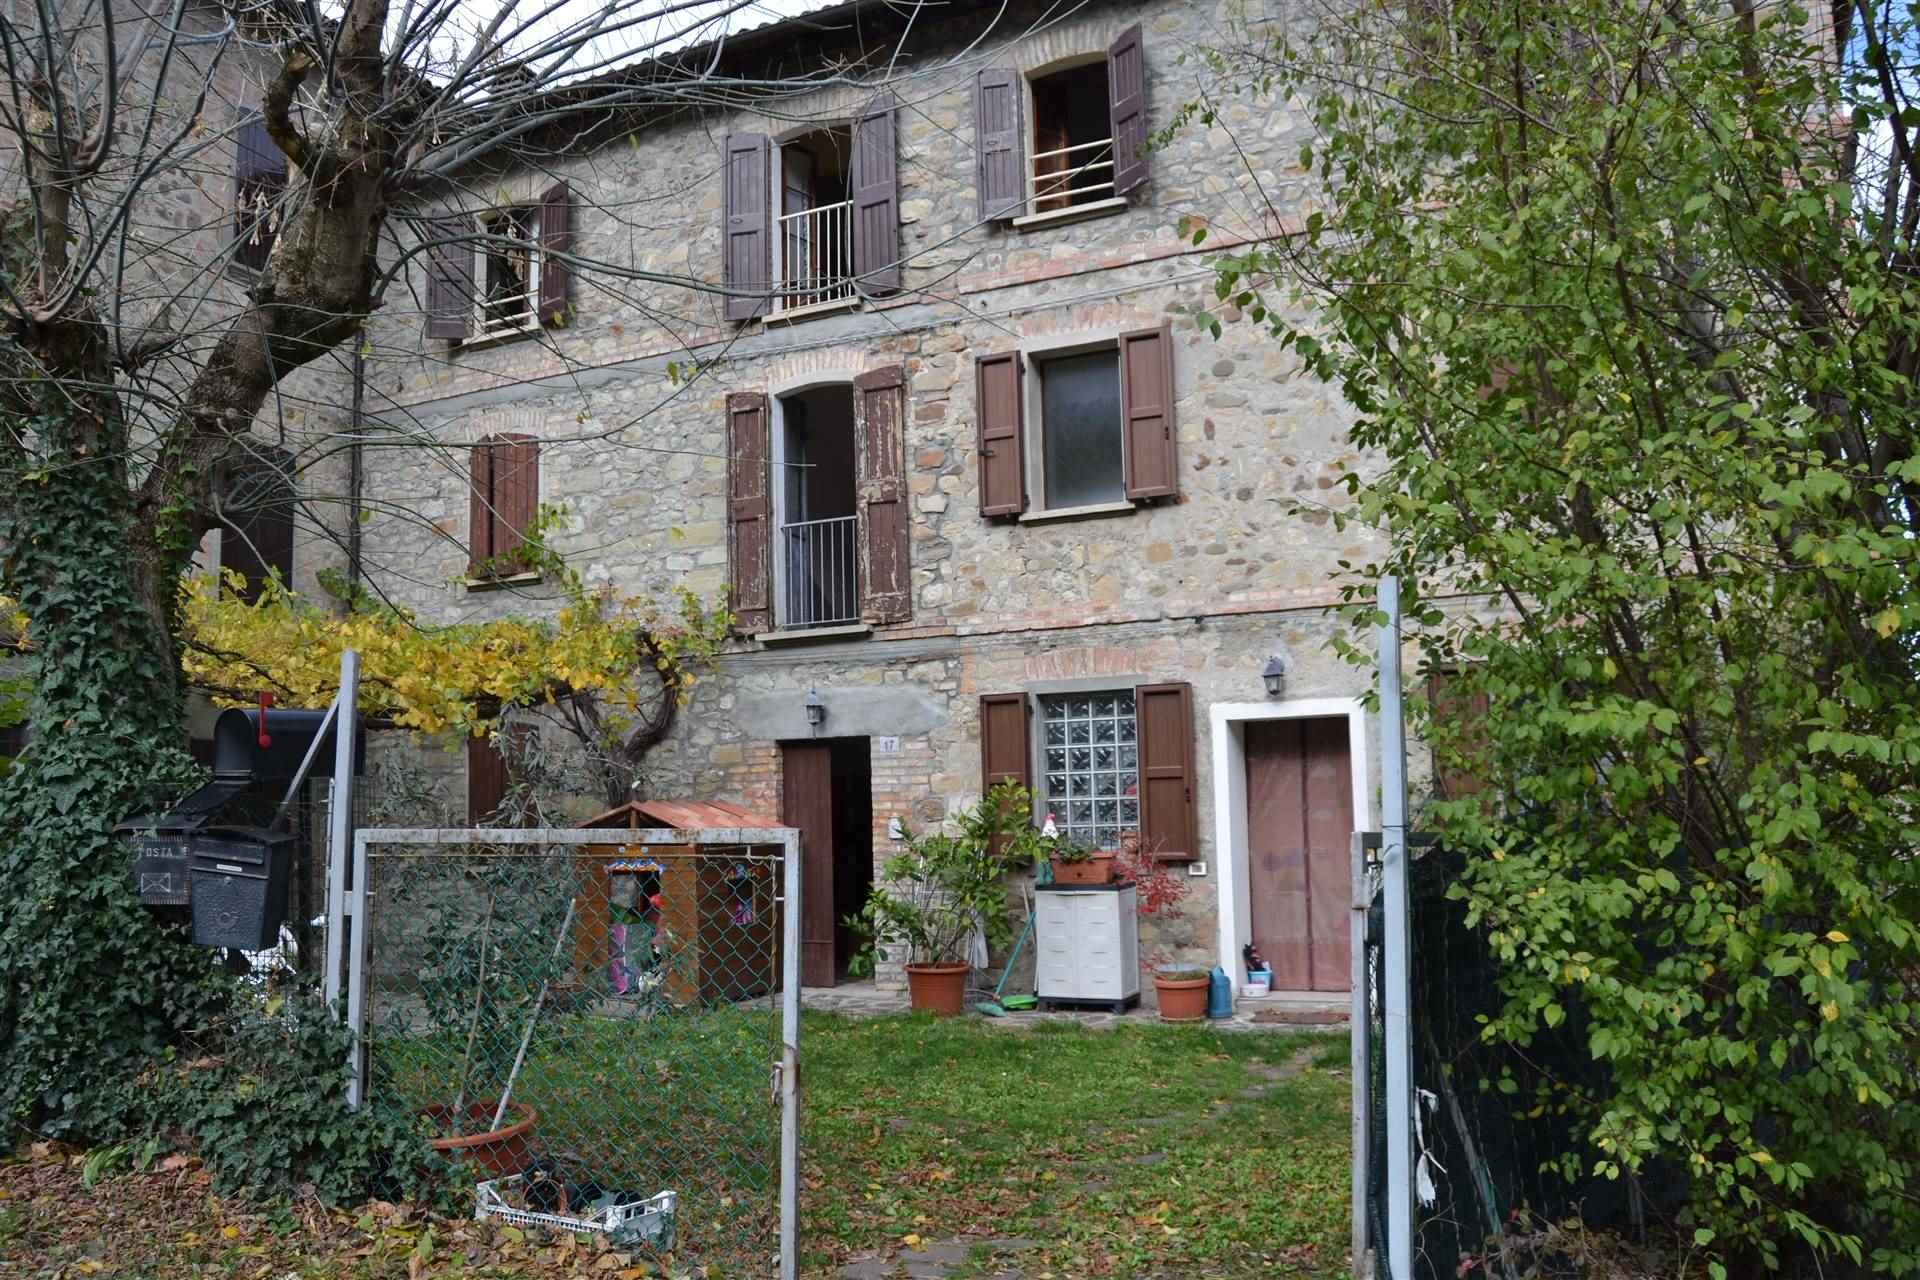 Appartamento in vendita a Marzabotto, 2 locali, zona Zona: Sperticano, prezzo € 63.000 | CambioCasa.it